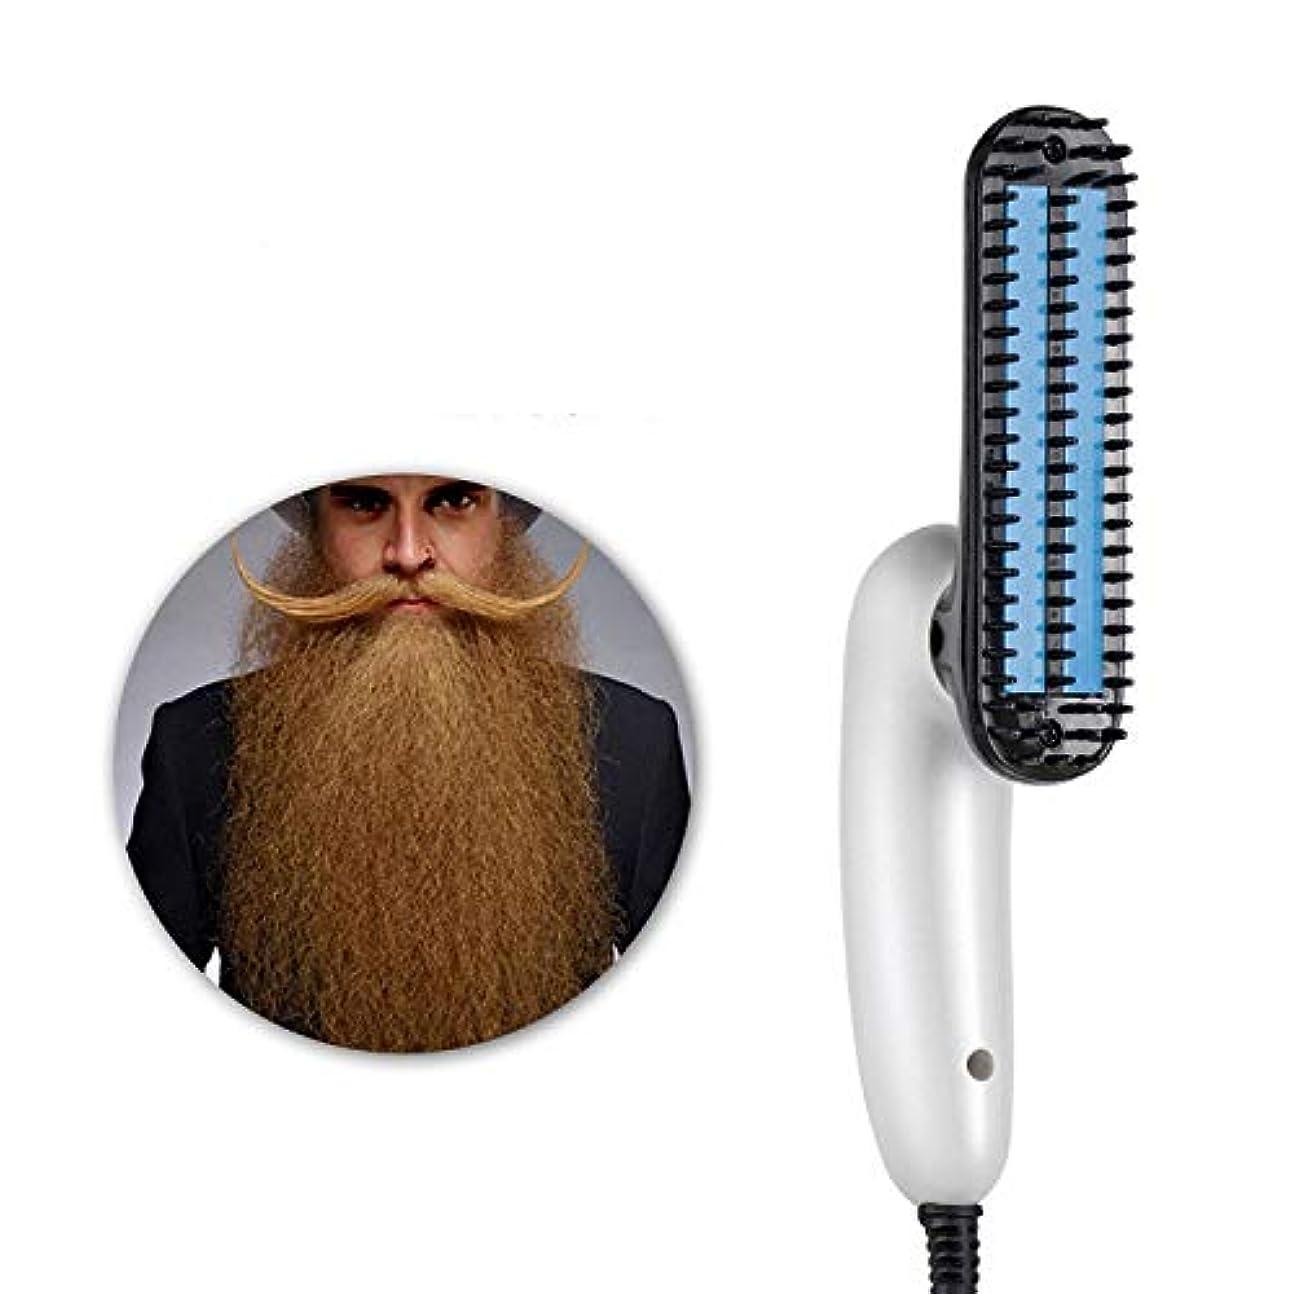 ピカソ魅了する必須ビアードストレイテナーくしストレートヘアブラシくし、男性クイック上品なスタイリングツール自動温度ロックのためのカーリーヘアストレートサイド髪のもつれ解除アンチやけ